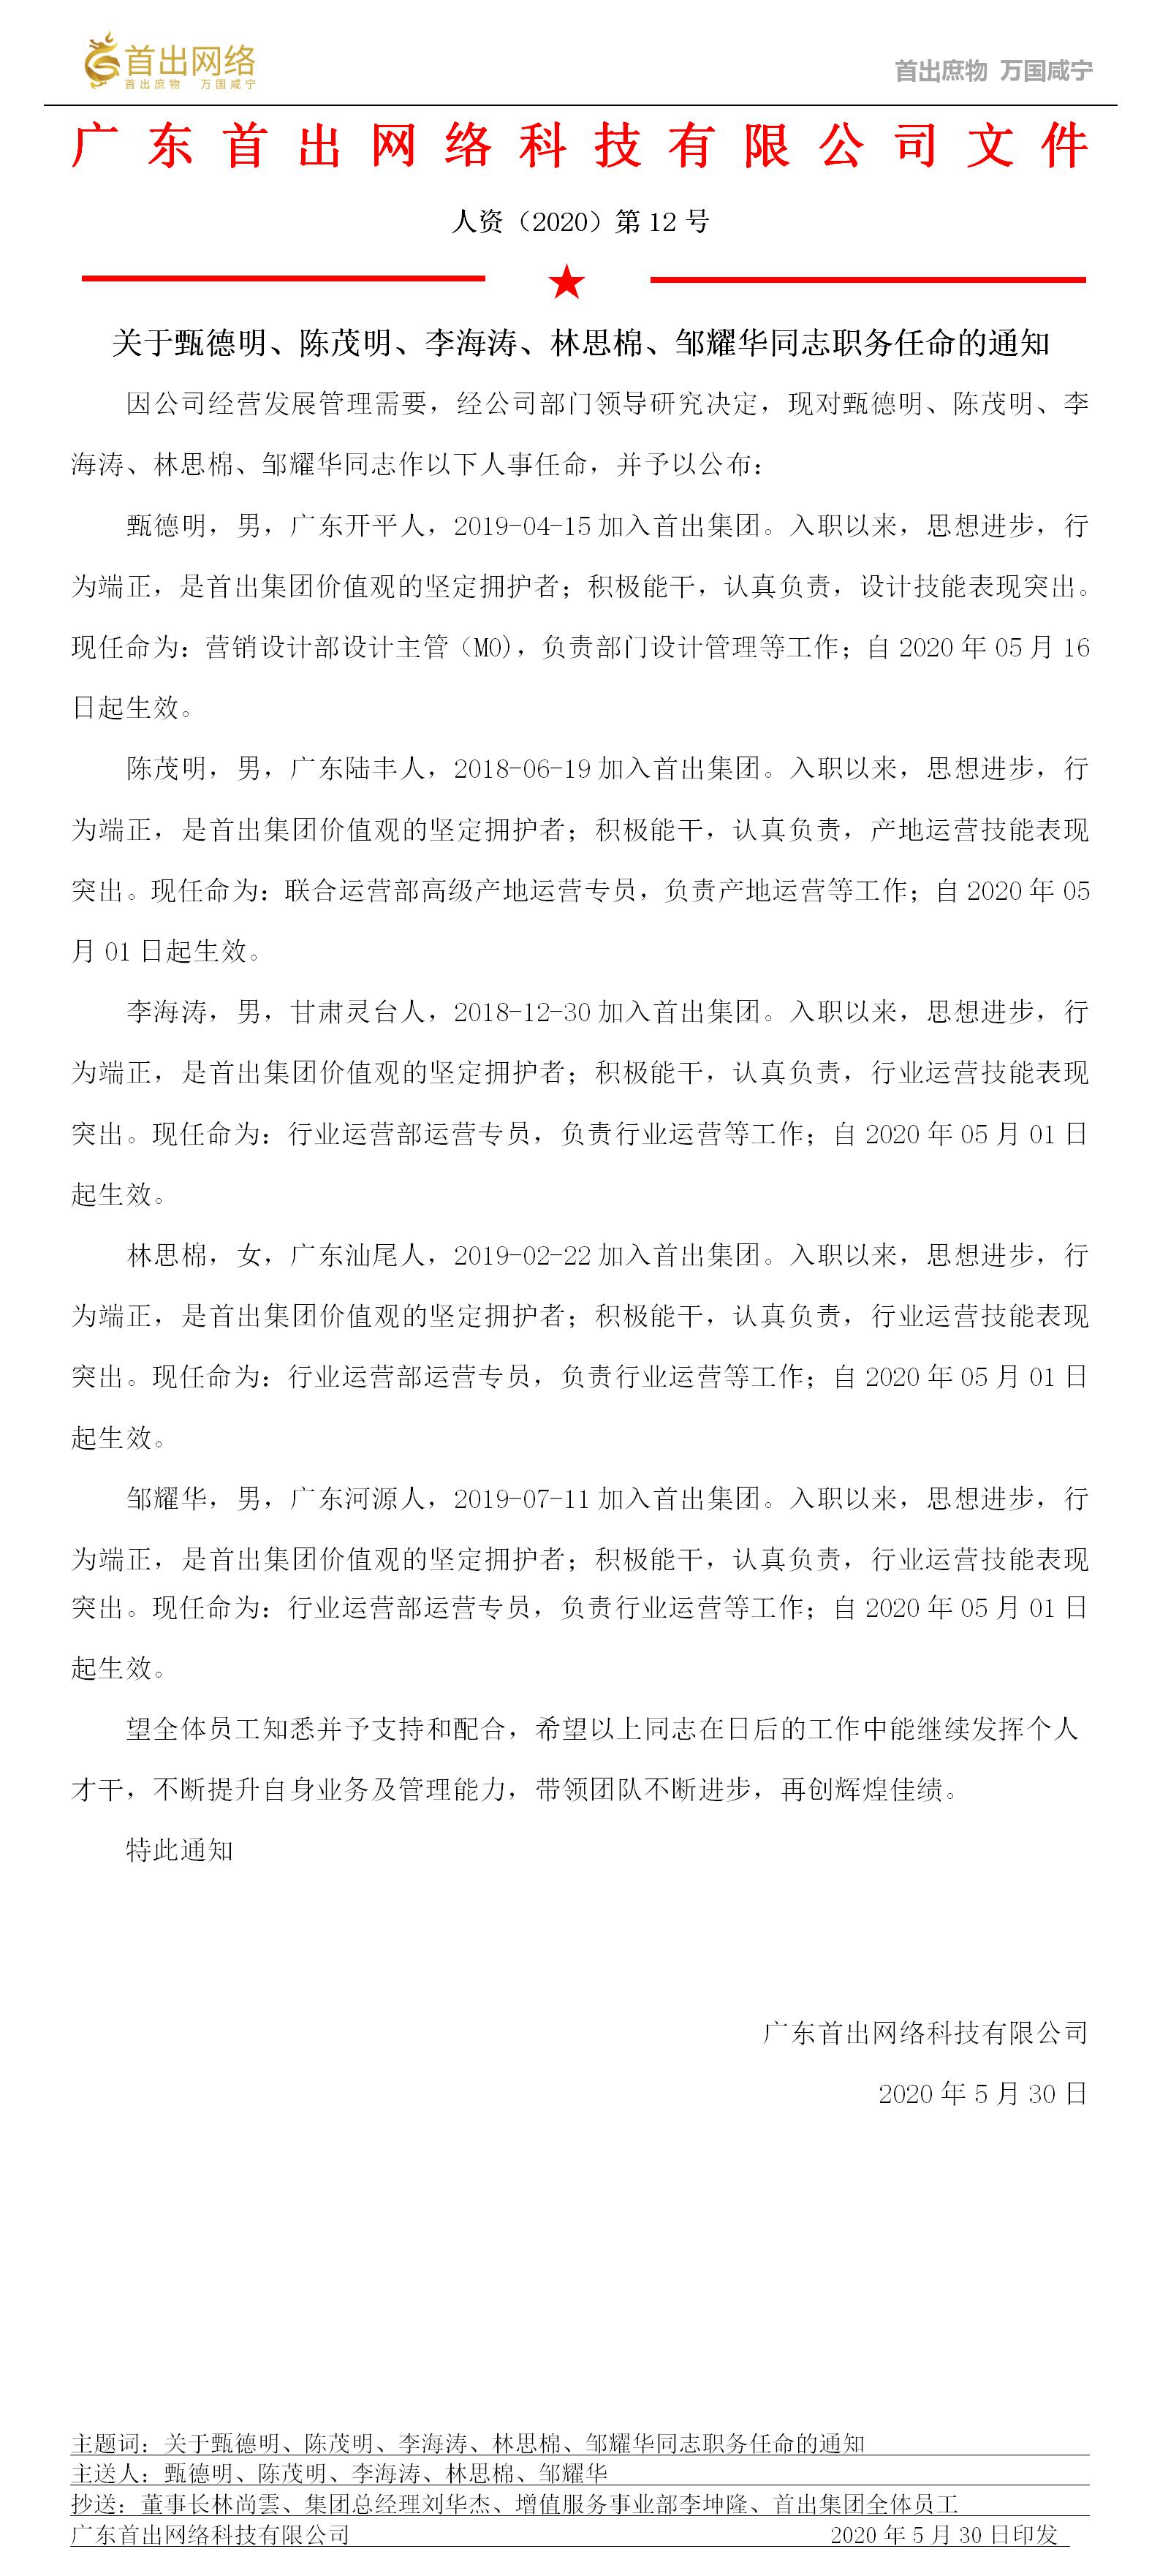 【晋升喜报】关于甄德明、陈茂明、李海涛、林思棉、邹耀华同志职务任命的通知